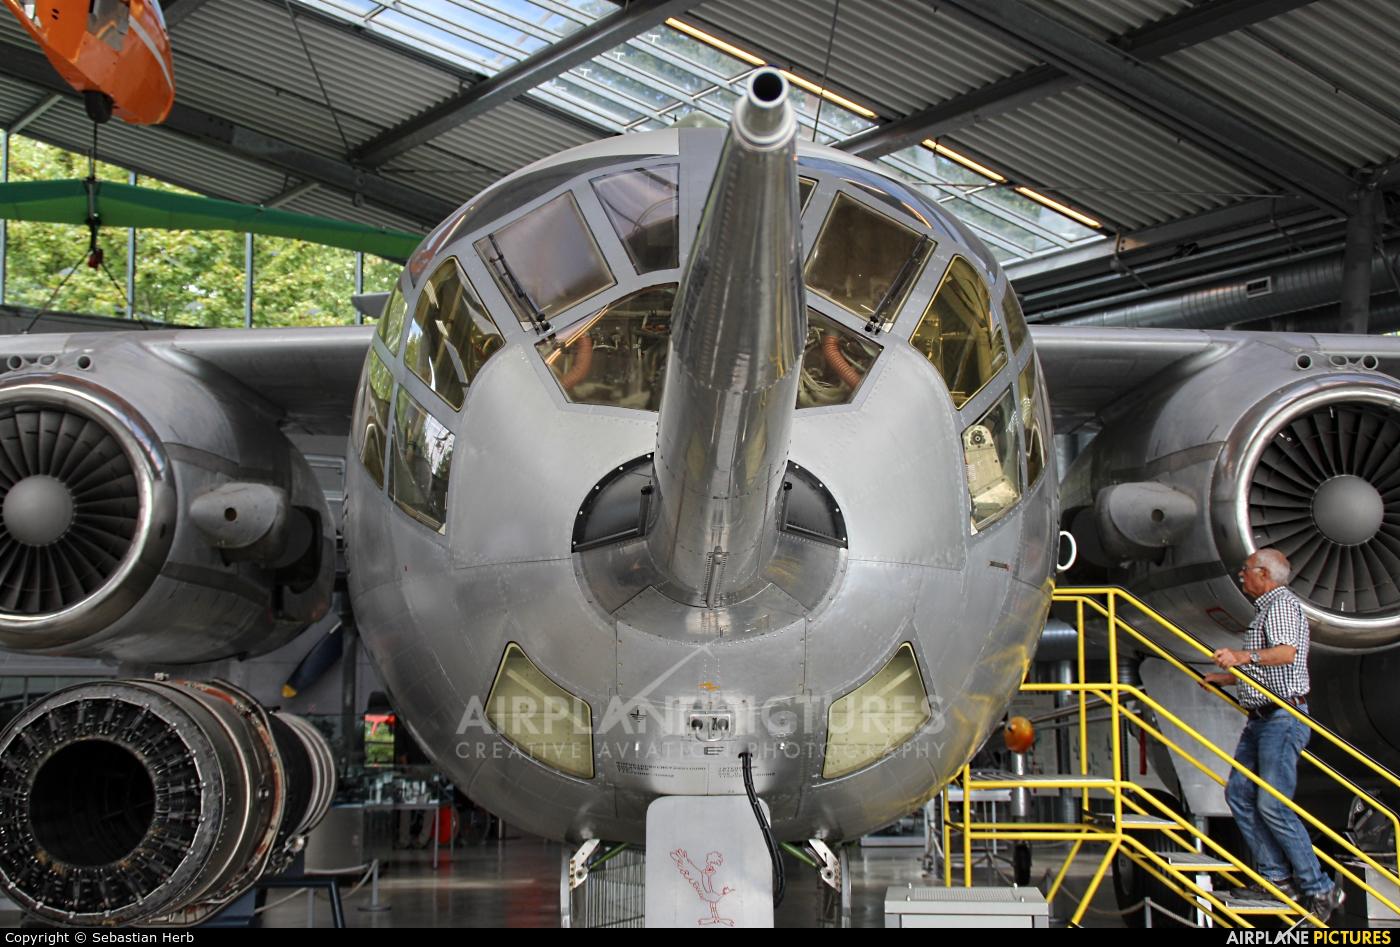 Germany - Air Force D-9531 aircraft at Oberschleißheim Aviation Museum